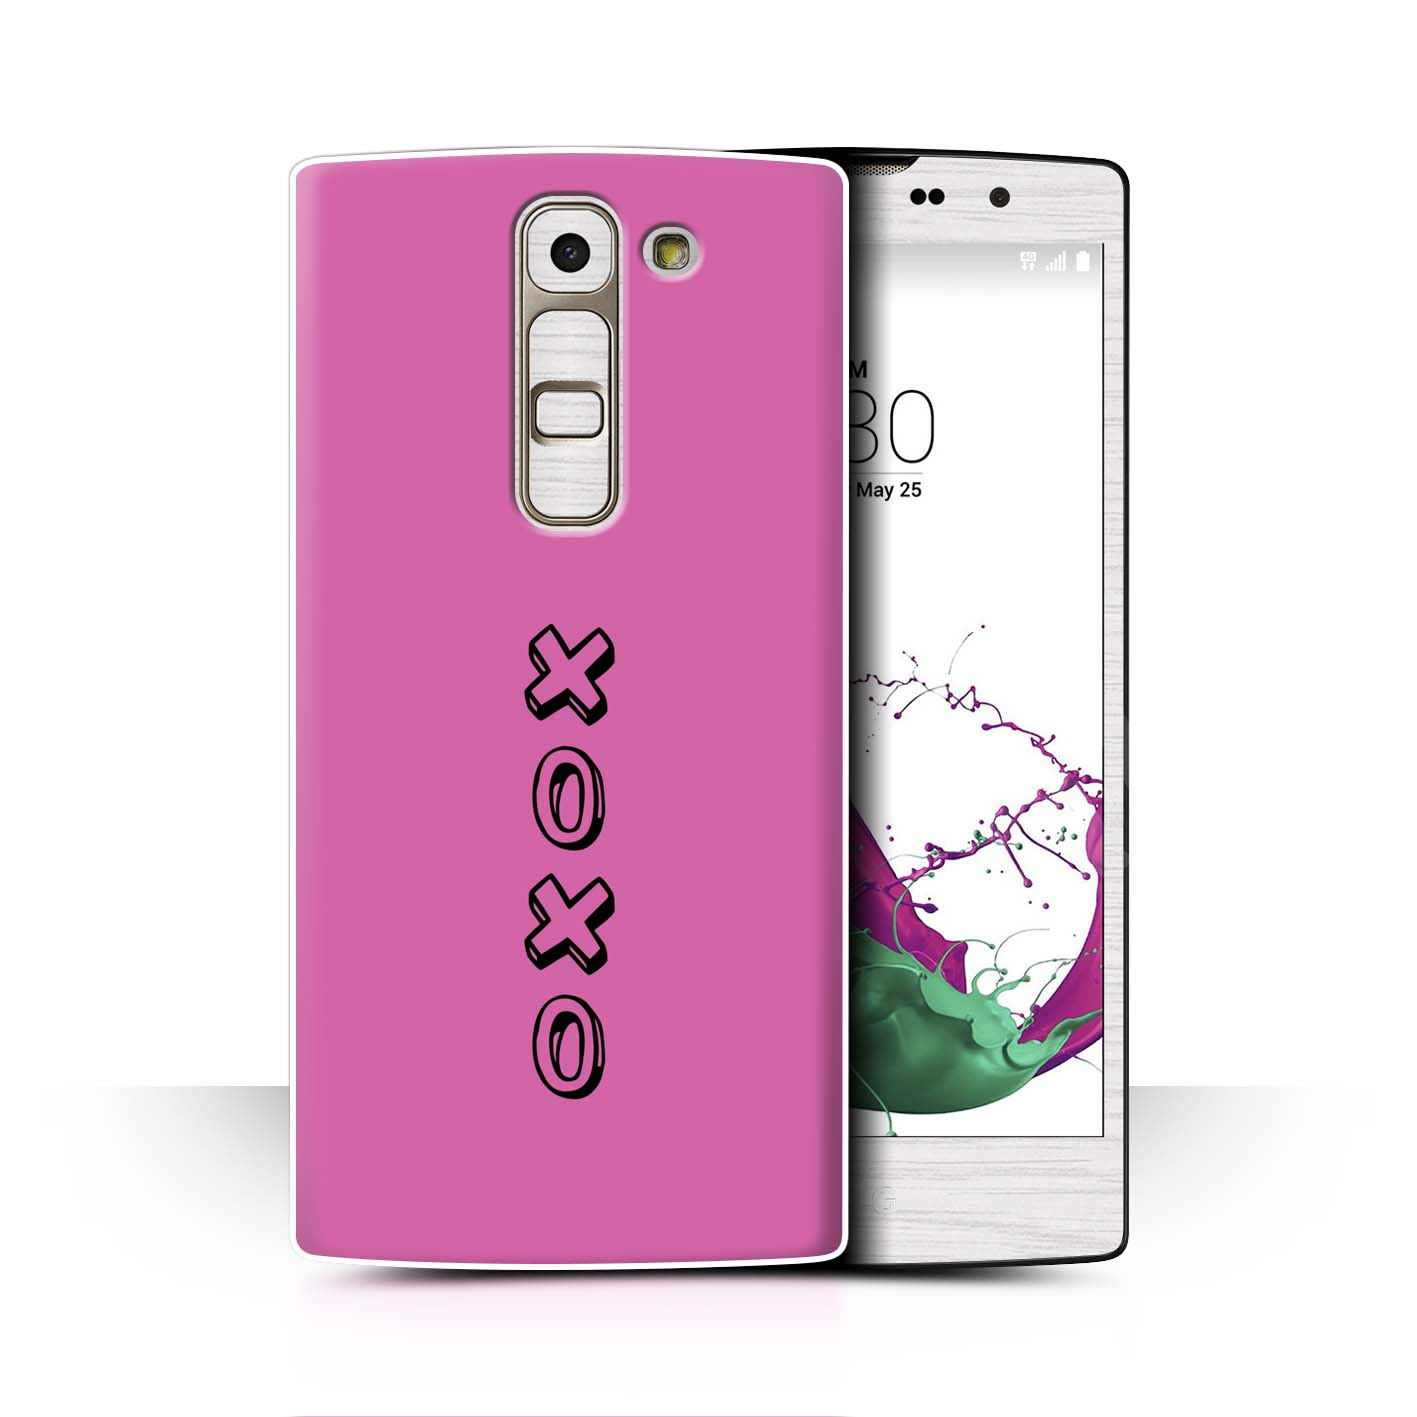 Stuff4 Hülle/Case/Backcover für LG G4c/H525N/Herz XOXO